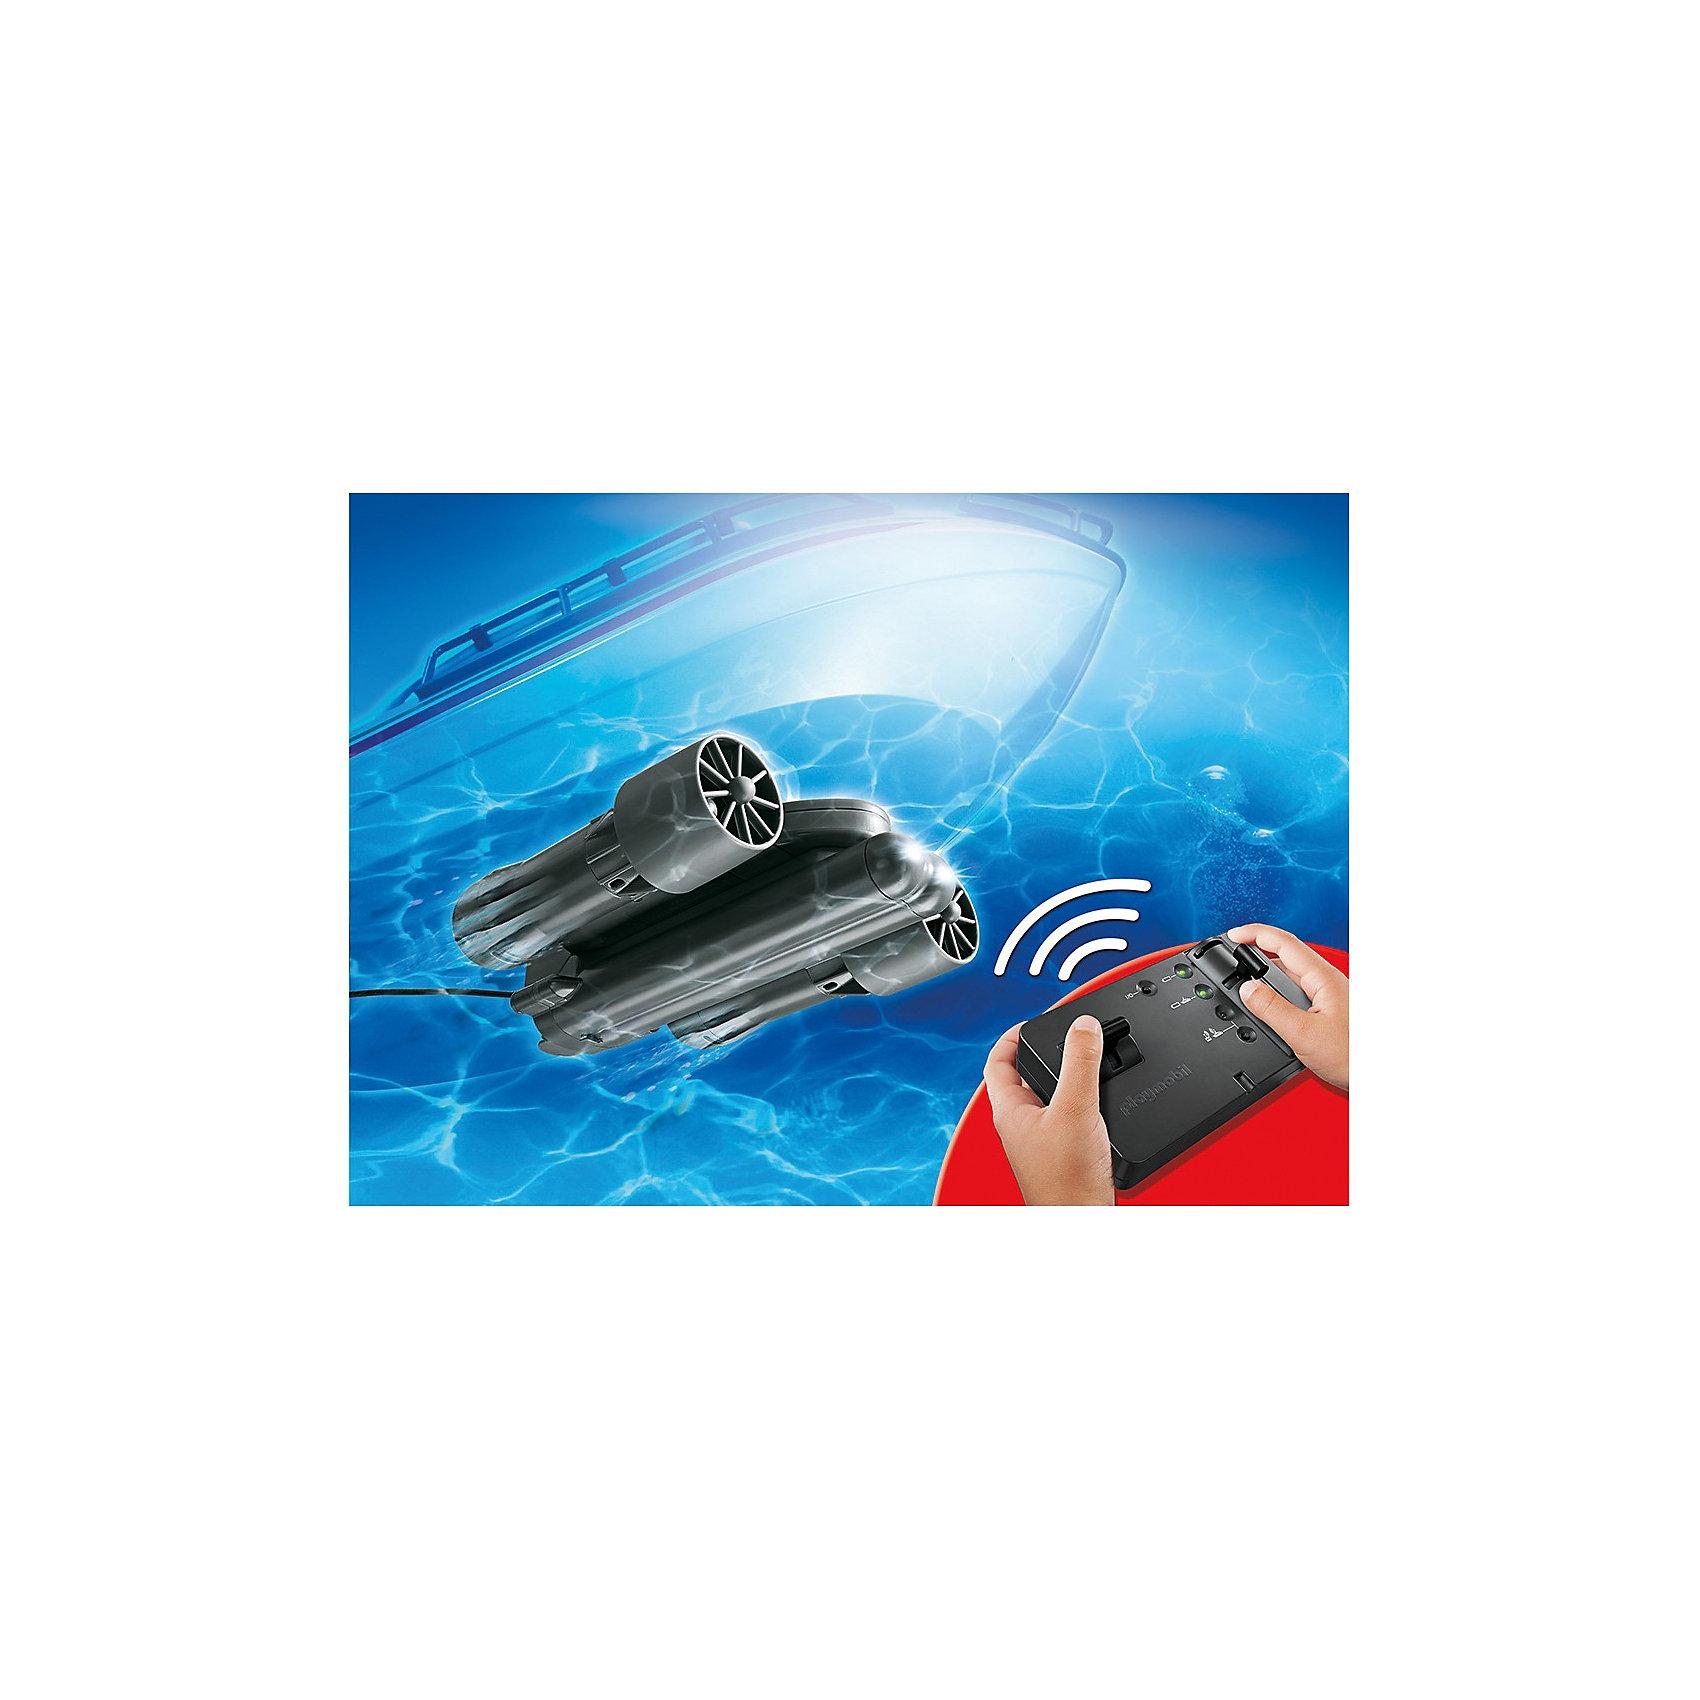 PLAYMOBIL 5536 Р/у подводный мотор для яхтыКорабли и лодки<br>Конструктор PLAYMOBIL (Плеймобил) 5536 Роскошная яхта: Радиоуправляемый подводный мотор - прекрасная возможность попрактиковаться водить настоящий корабль (продается отдельно)! <br>Мотор совместим с большинством яхт и кораблей PLAYMOBIL (Плеймобил). Прикрепи мотор и управляй движением своего судна с помощью удобного пульта. Почувствуй себя капитаном с суперсовременного корабля с набором PLAYMOBIL (Плеймобил) 5536 Роскошная яхта: Радиоуправляемый подводный мотор.<br><br>Дополнительная информация:<br><br>- Конструкторы PLAYMOBIL (Плеймобил) отлично развивают мелкую моторику, фантазию и воображение;<br>- В наборе: мотор, крепление, пульт управления;<br>- Для работы необходимо 6 батареек 1,5V, и 1 батарейка 9V;<br>- Совместим с большинством лодок и кораблей PLAYMOBIL (Плеймобил), которые продаются отдельно;<br>- Материал: безопасный пластик;<br>- Размер упаковки: 35 х 25 х 7 см<br><br>Конструктор PLAYMOBIL (Плеймобил) 5536 Роскошная яхта: Радиоуправляемый подводный мотор можно купить в нашем интернет-магазине.<br><br>Ширина мм: 352<br>Глубина мм: 251<br>Высота мм: 78<br>Вес г: 849<br>Возраст от месяцев: 84<br>Возраст до месяцев: 144<br>Пол: Унисекс<br>Возраст: Детский<br>SKU: 3350677